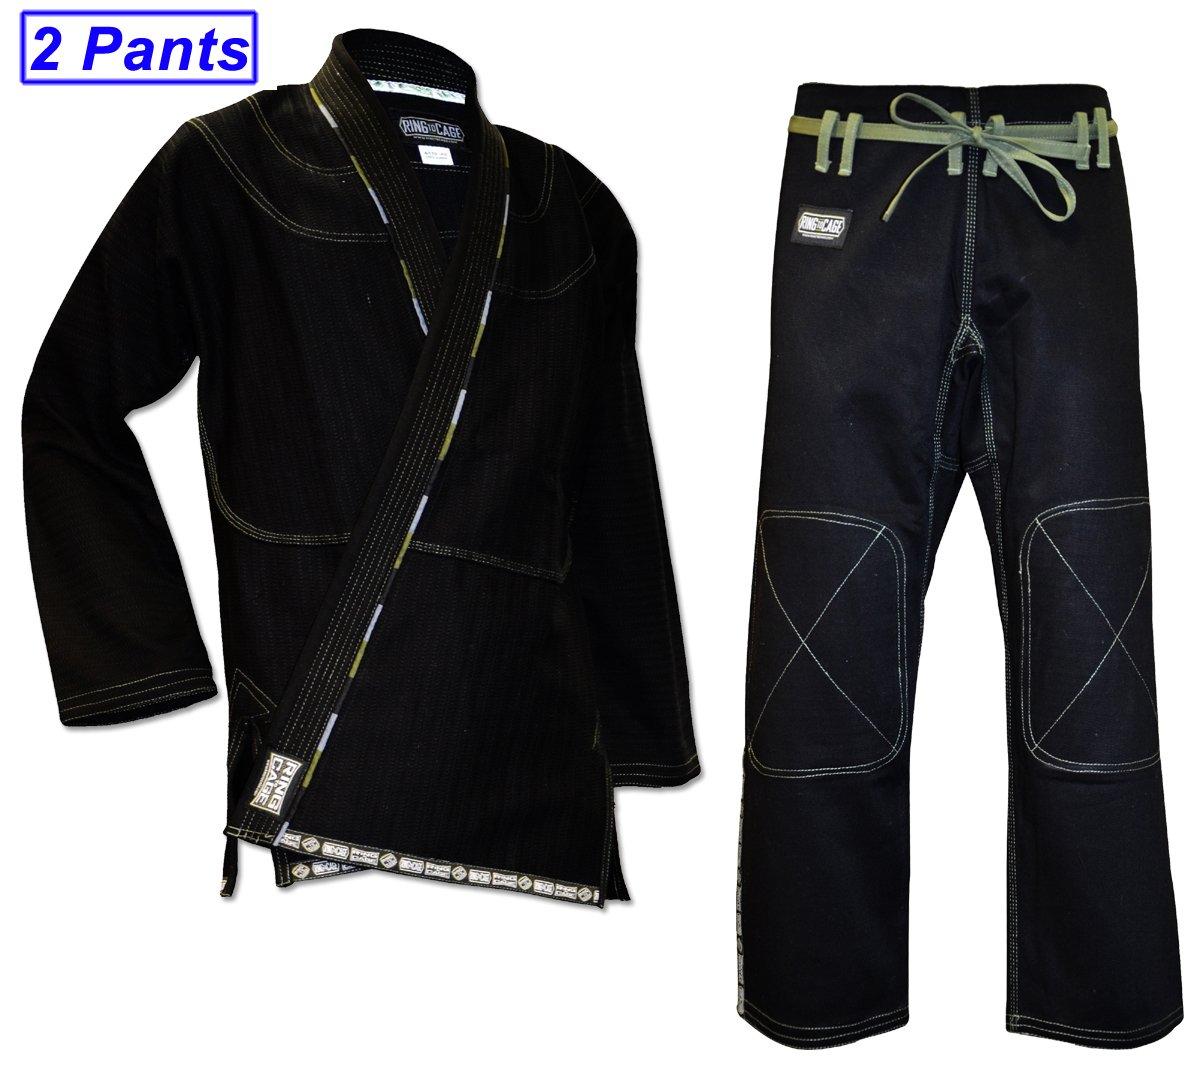 人気絶頂 Ultima – Brazilian Jiu Jitsu Pairs Gi Gi with 2 Pairs ofパンツ – ブラック B00IC62FD4 A3, ダイワホーサン Dランド:76a8ee68 --- arianechie.dominiotemporario.com